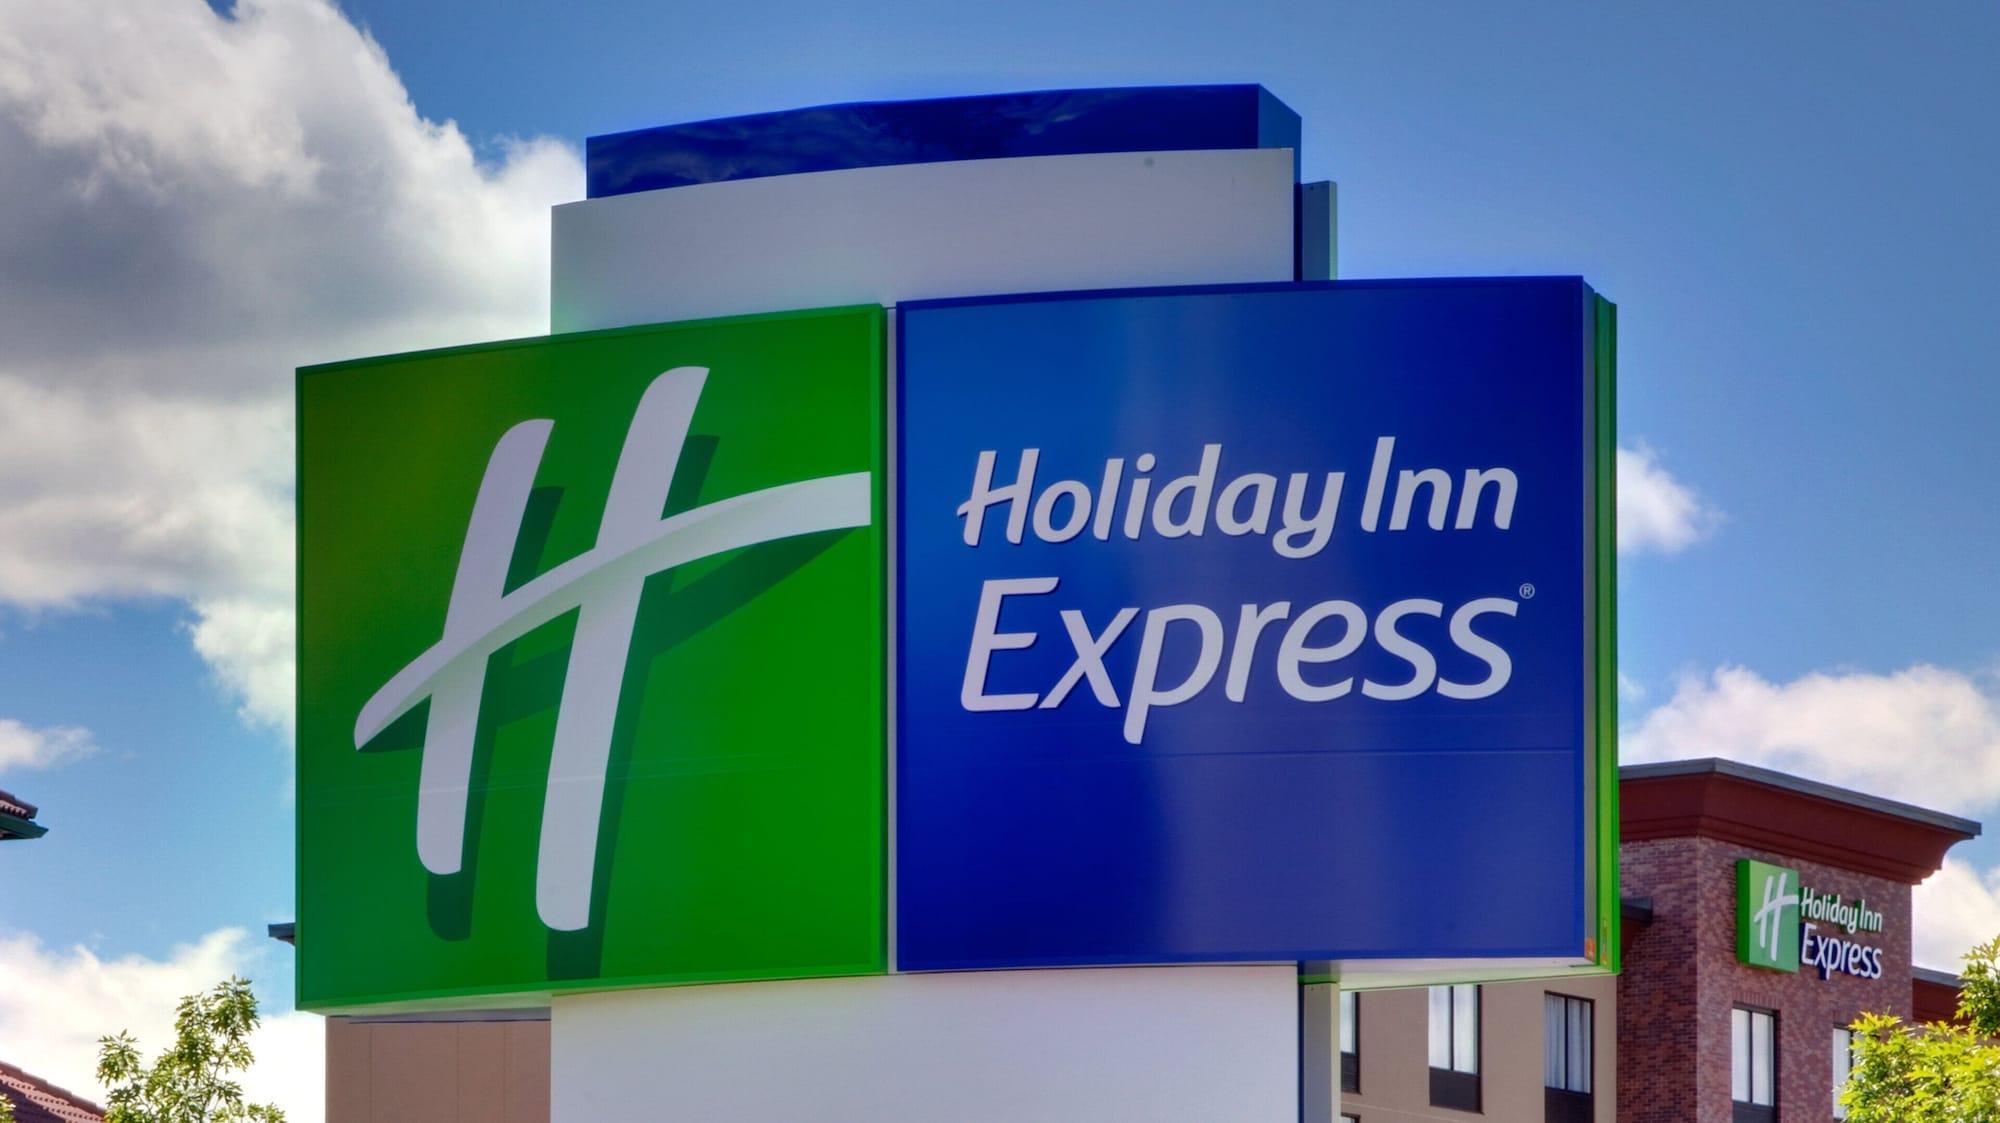 Holiday Inn Express Aarburg - Oftringen, Zofingen